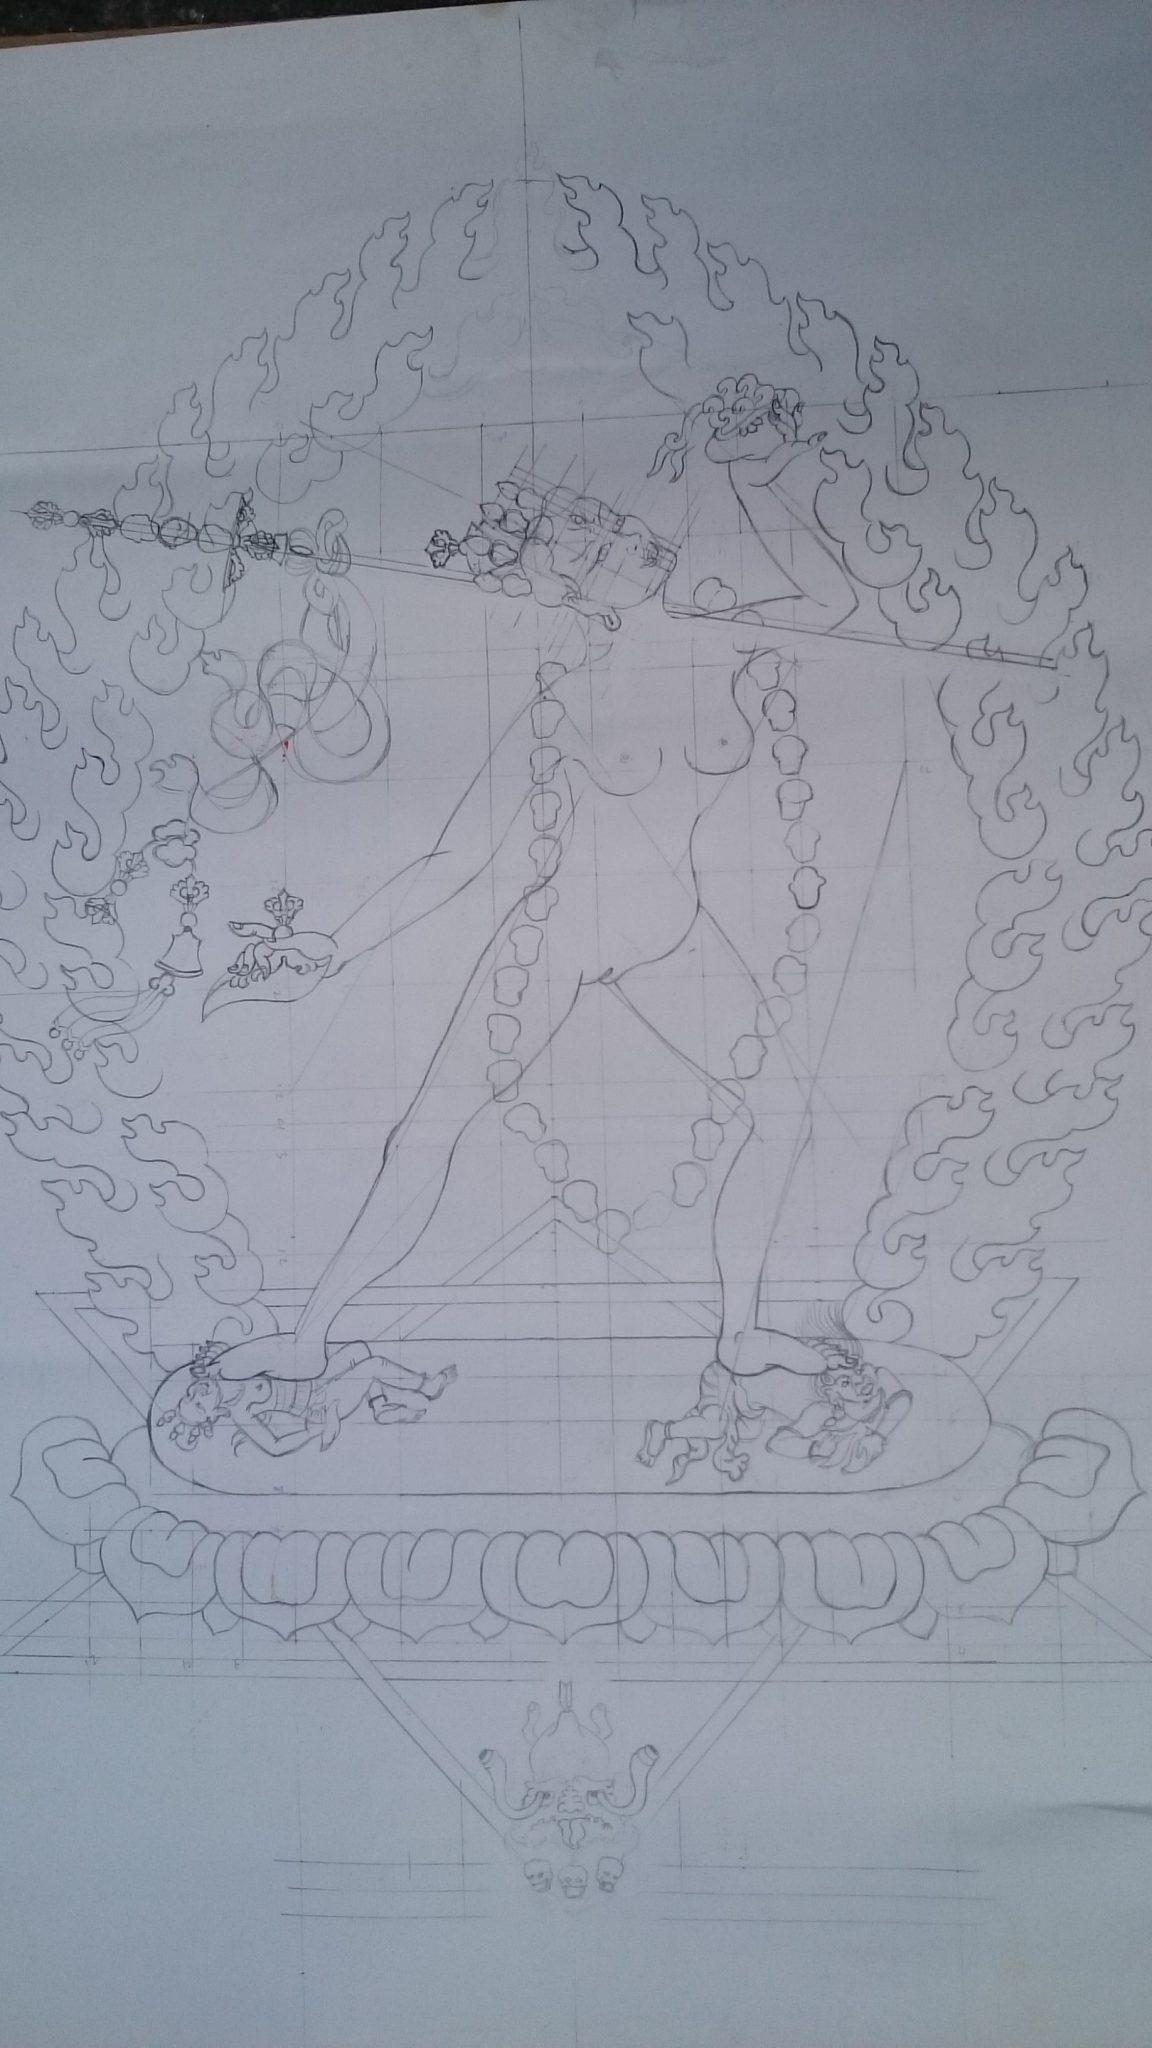 Vajrayogini